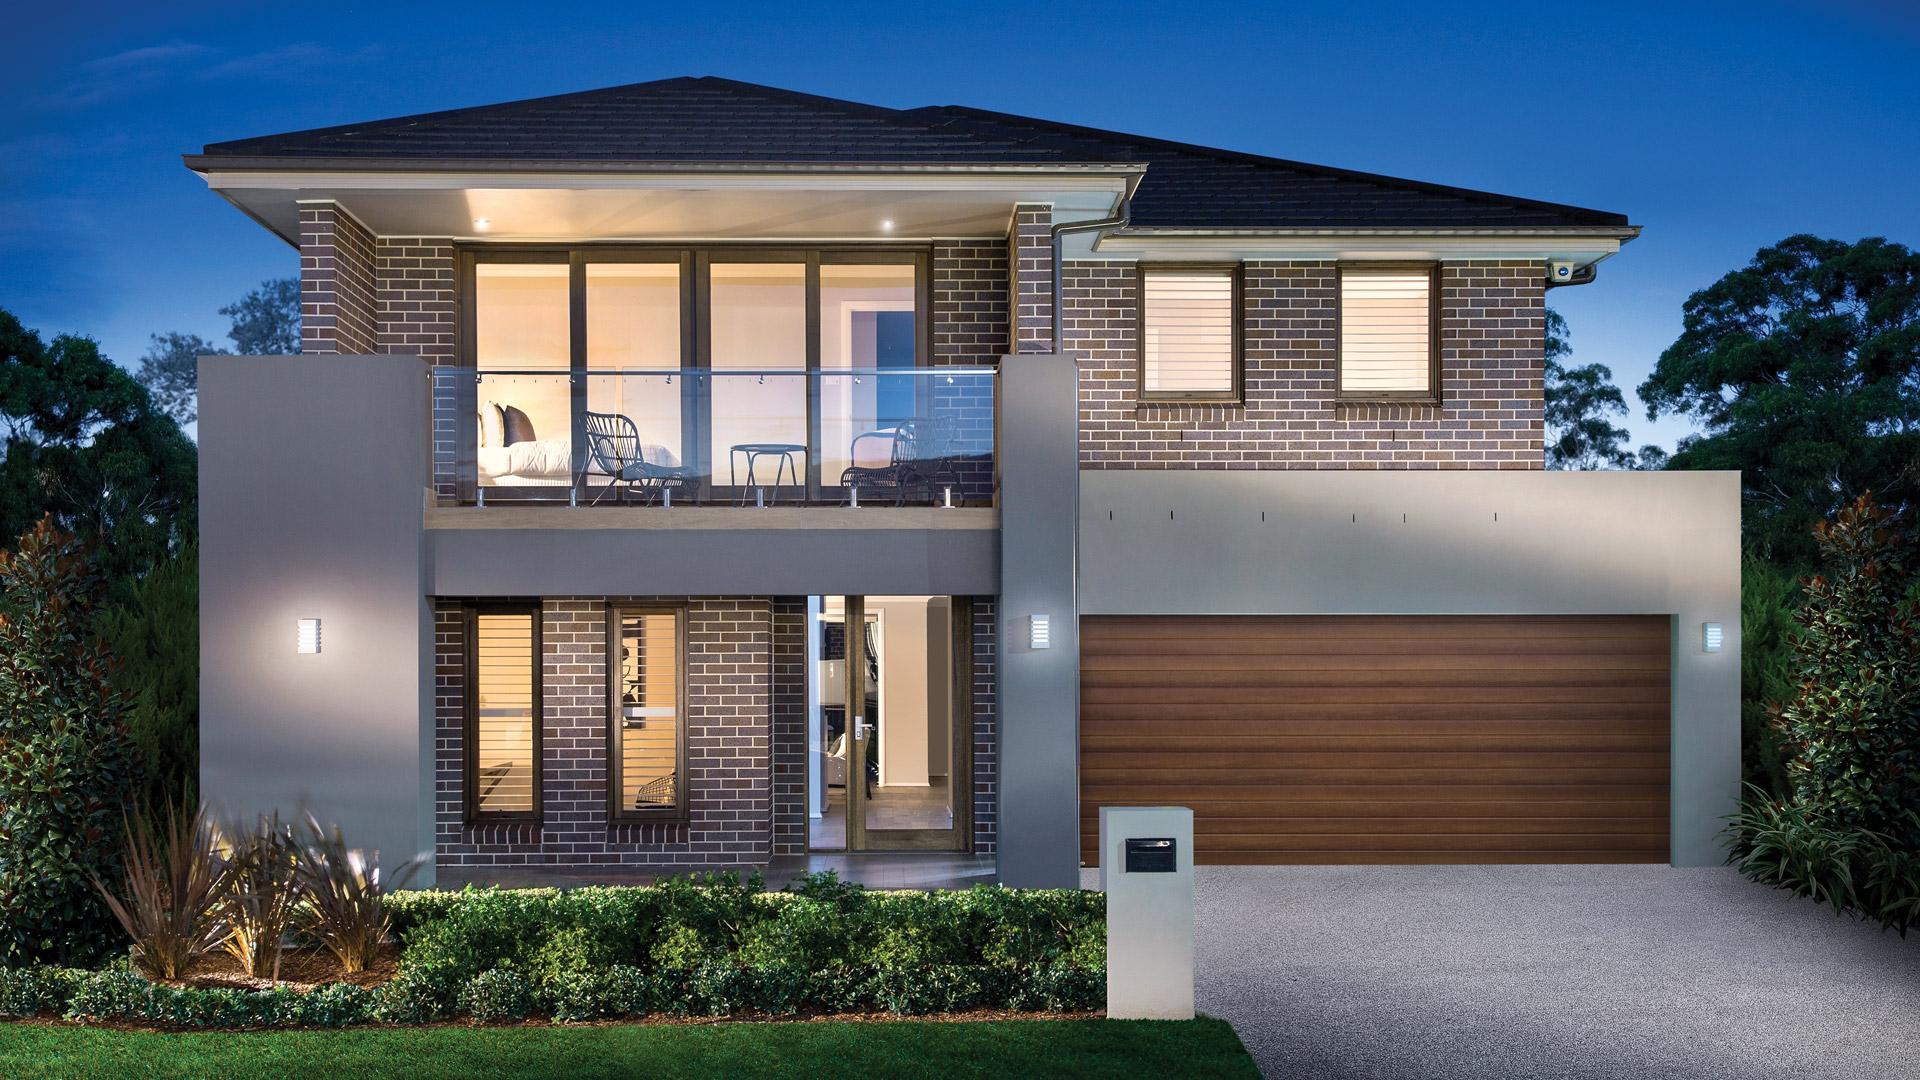 Dit is het perfecte moderne huis om aan de drukte te ontsnappen fhm